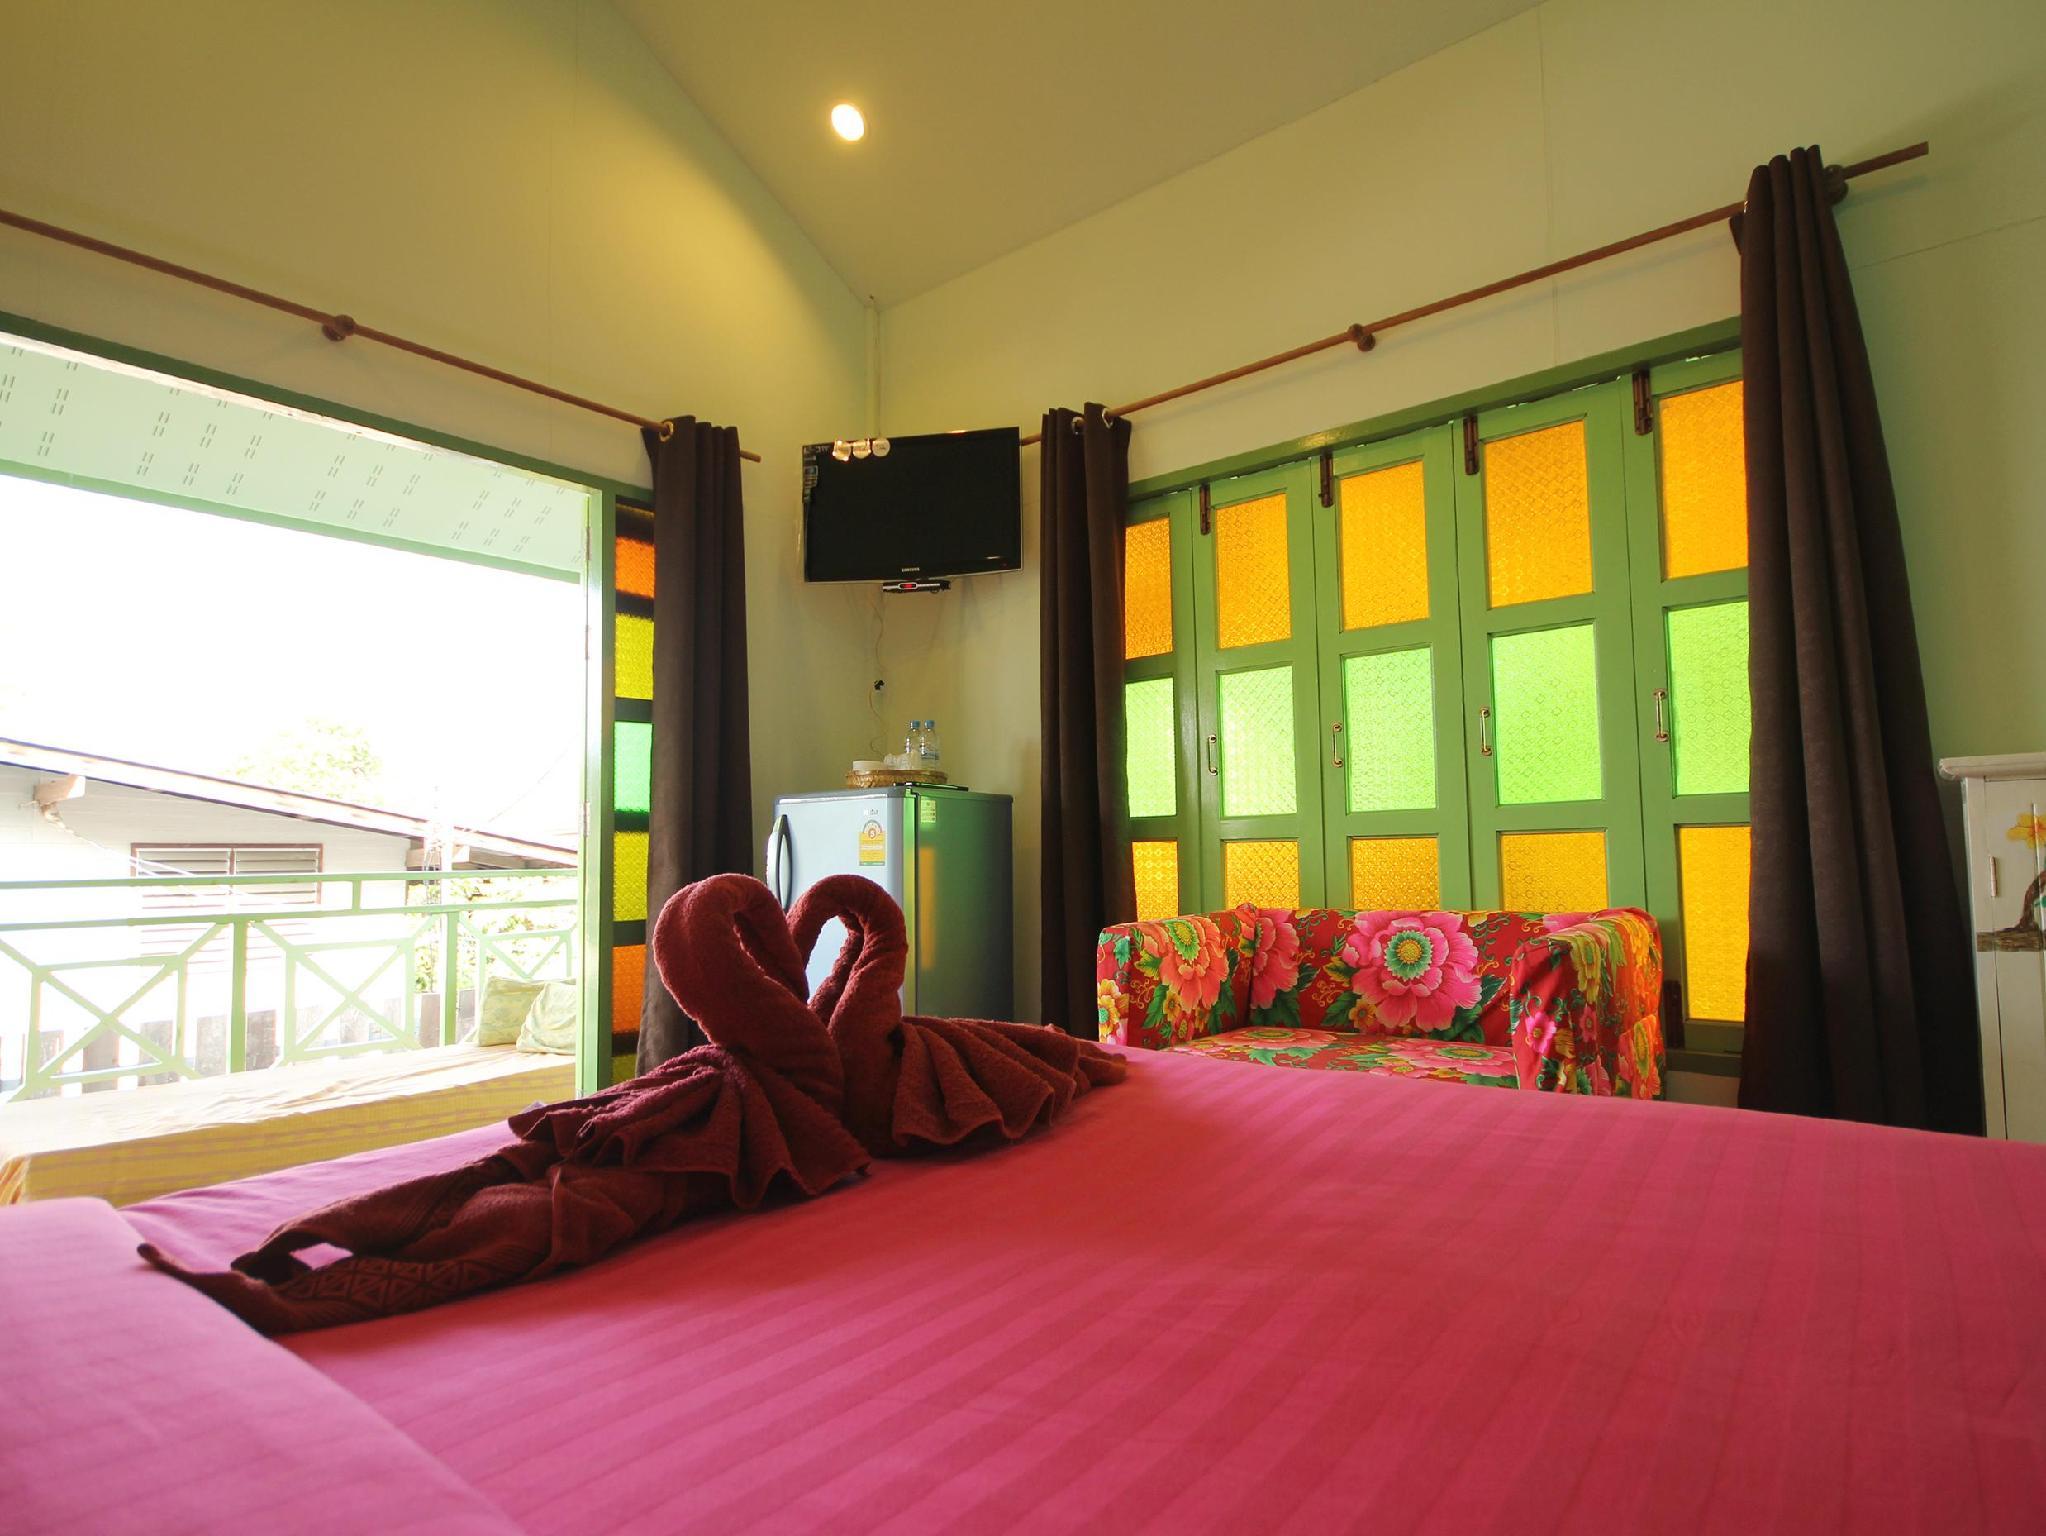 安帕瓦爱之家旅馆,บ้านรัก อัมพวา